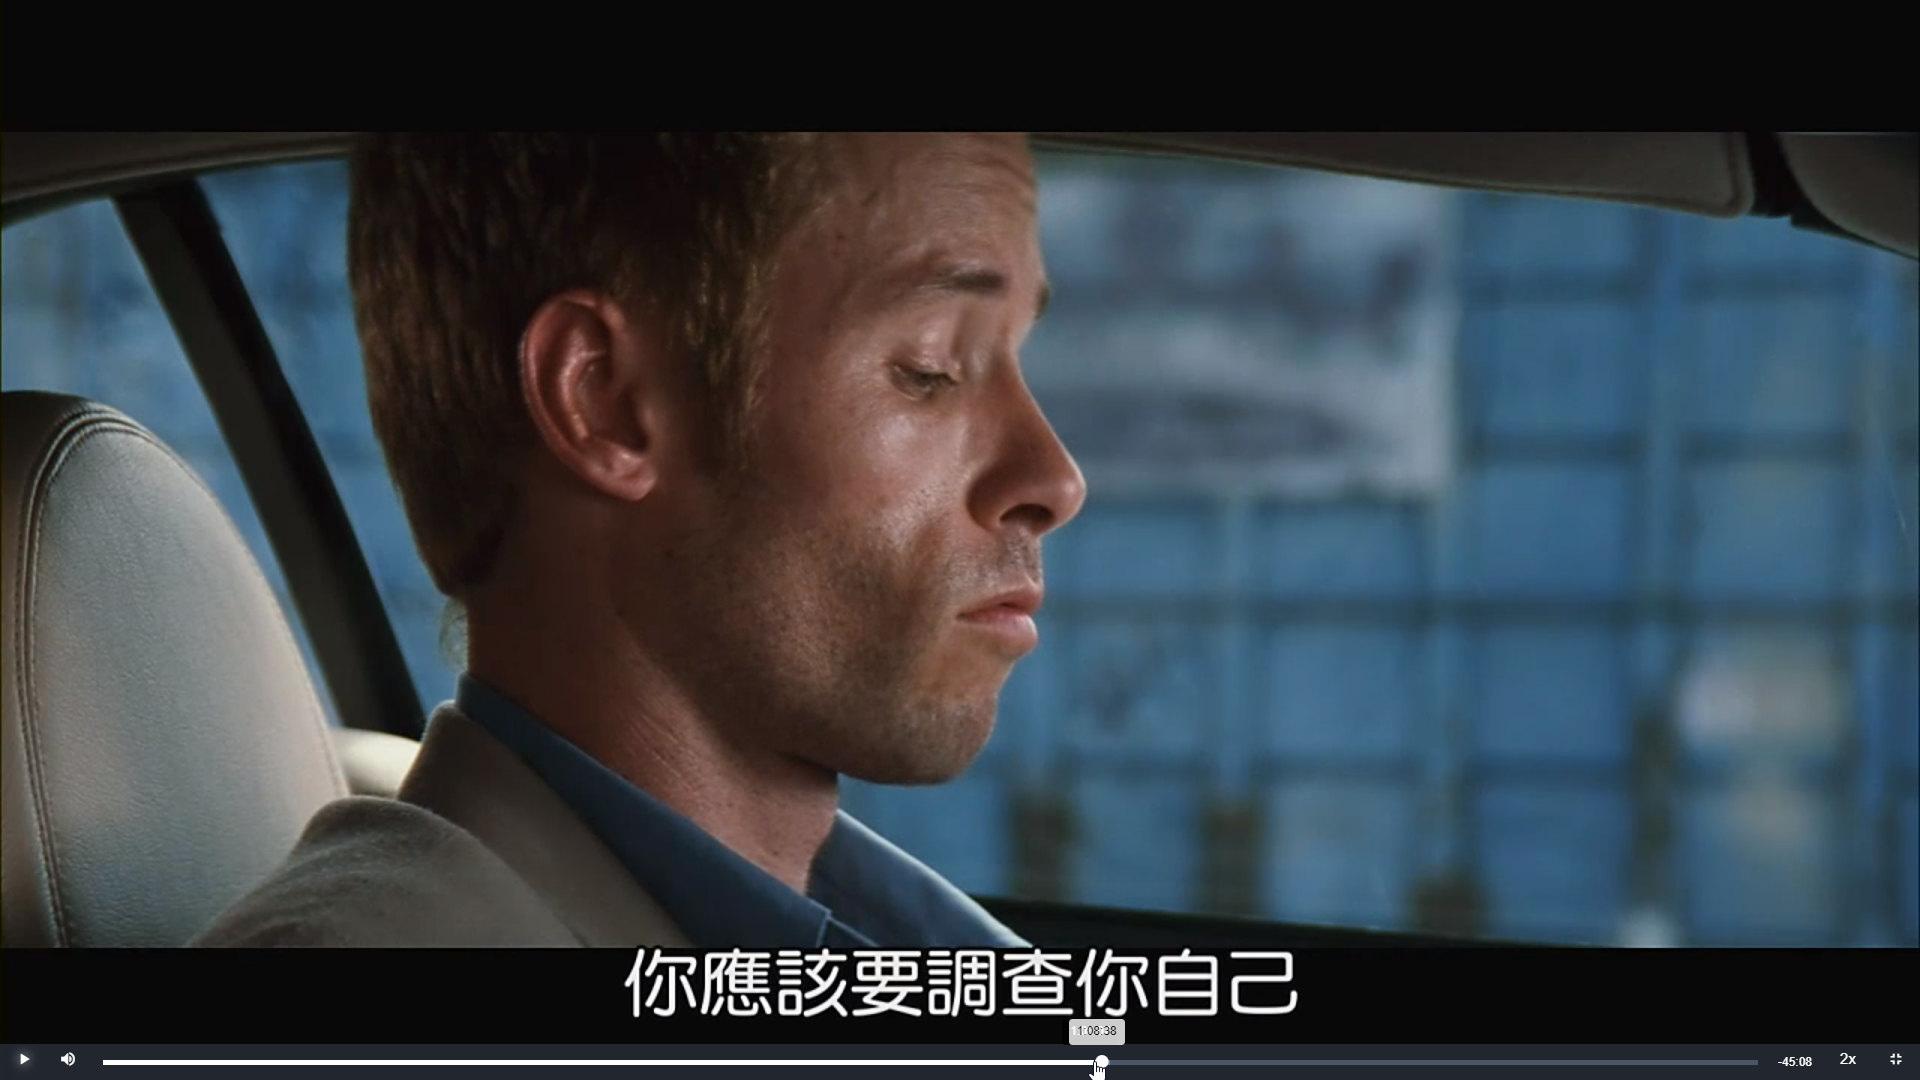 [感想] 電影-記憶拼圖 Memento (2000) 整理順序劇情&爭議討論-107.jpg